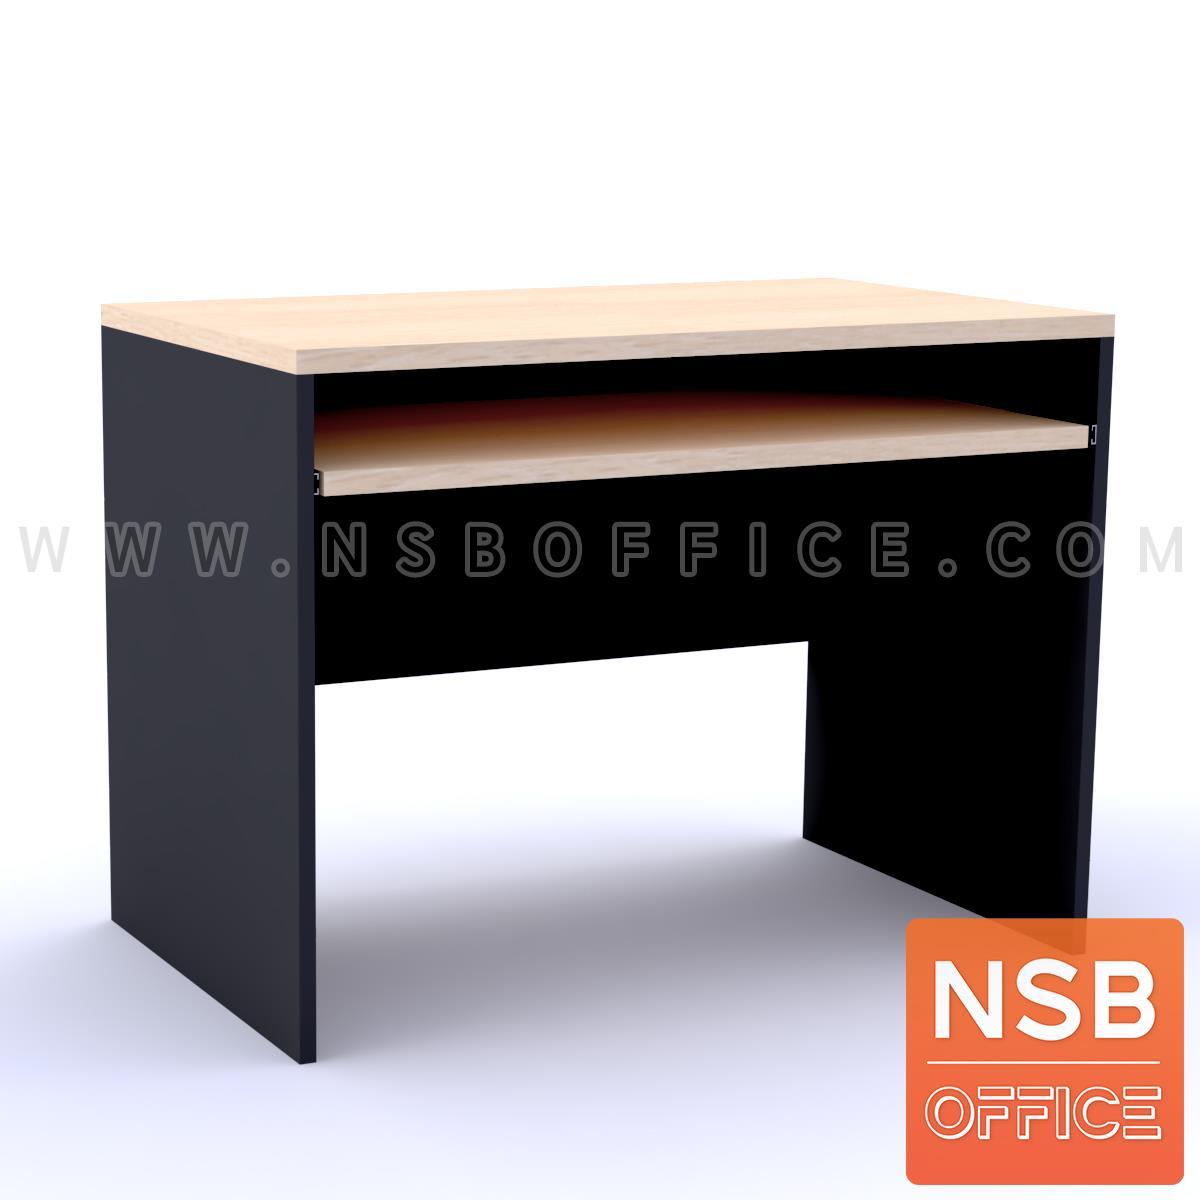 A12A008:โต๊ะคอมพิวเตอร์  รุ่น Sparks (สปากส์) ขนาด 80W ,100W cm.  เมลามีน